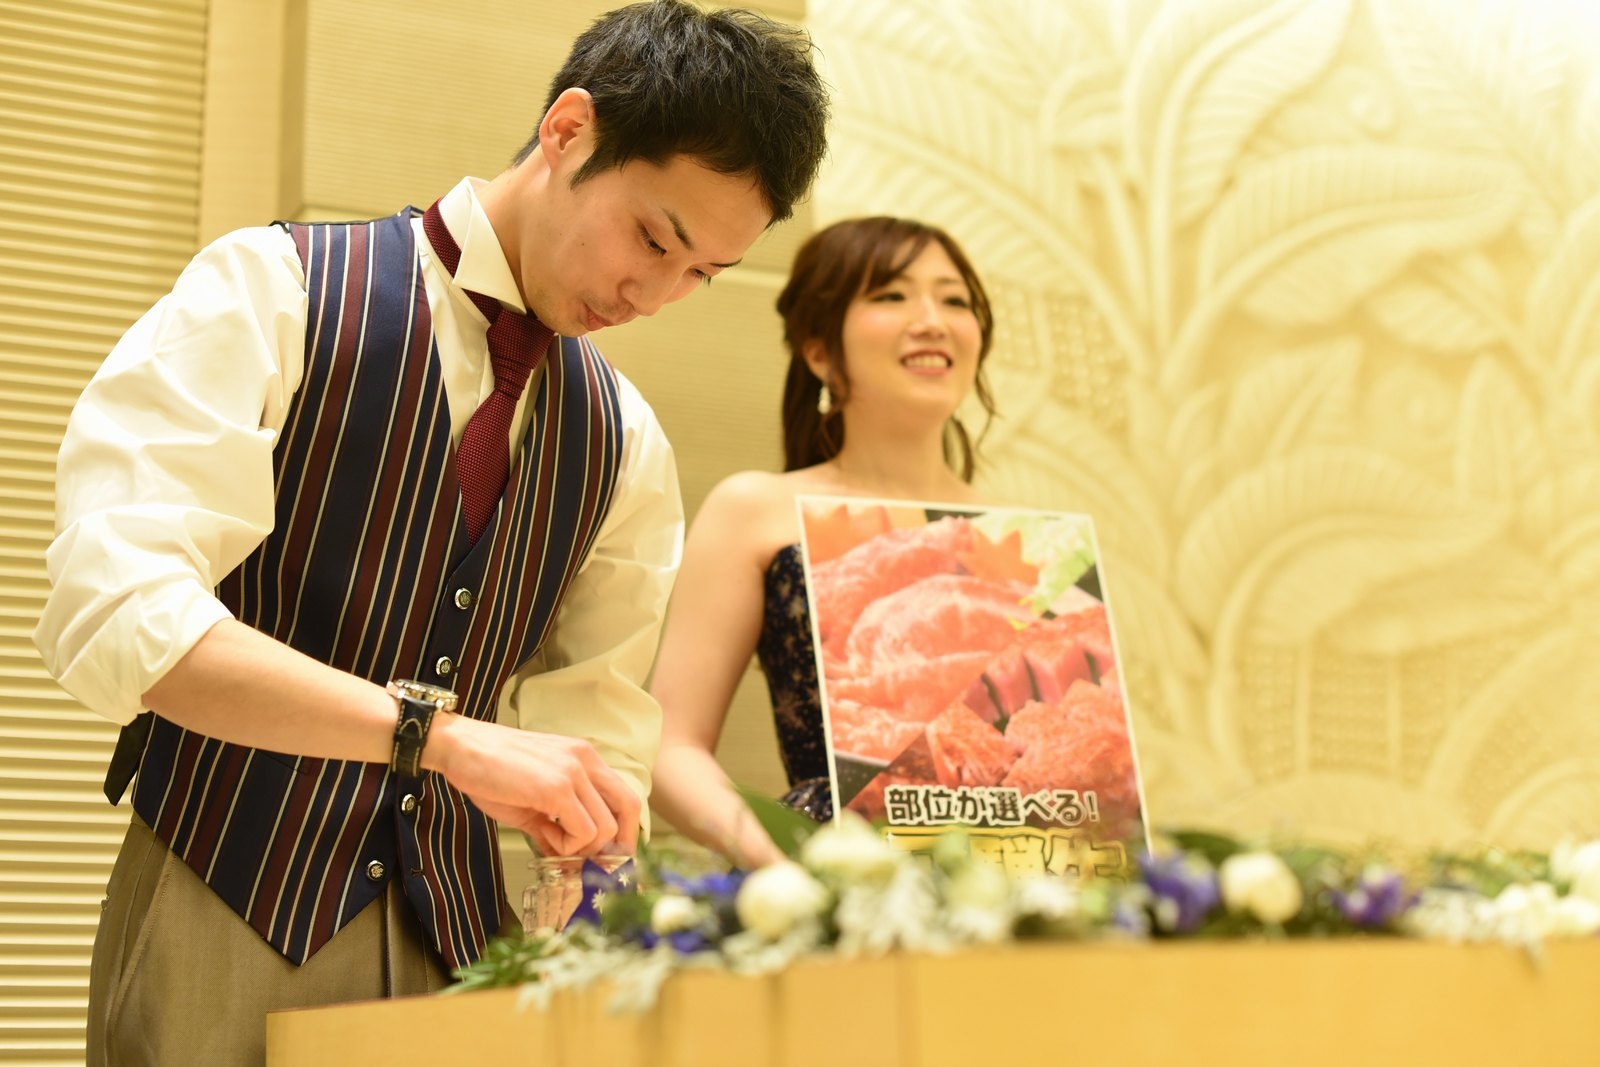 高松市の結婚式場アイルバレクラブでドレスの色当てゲーム